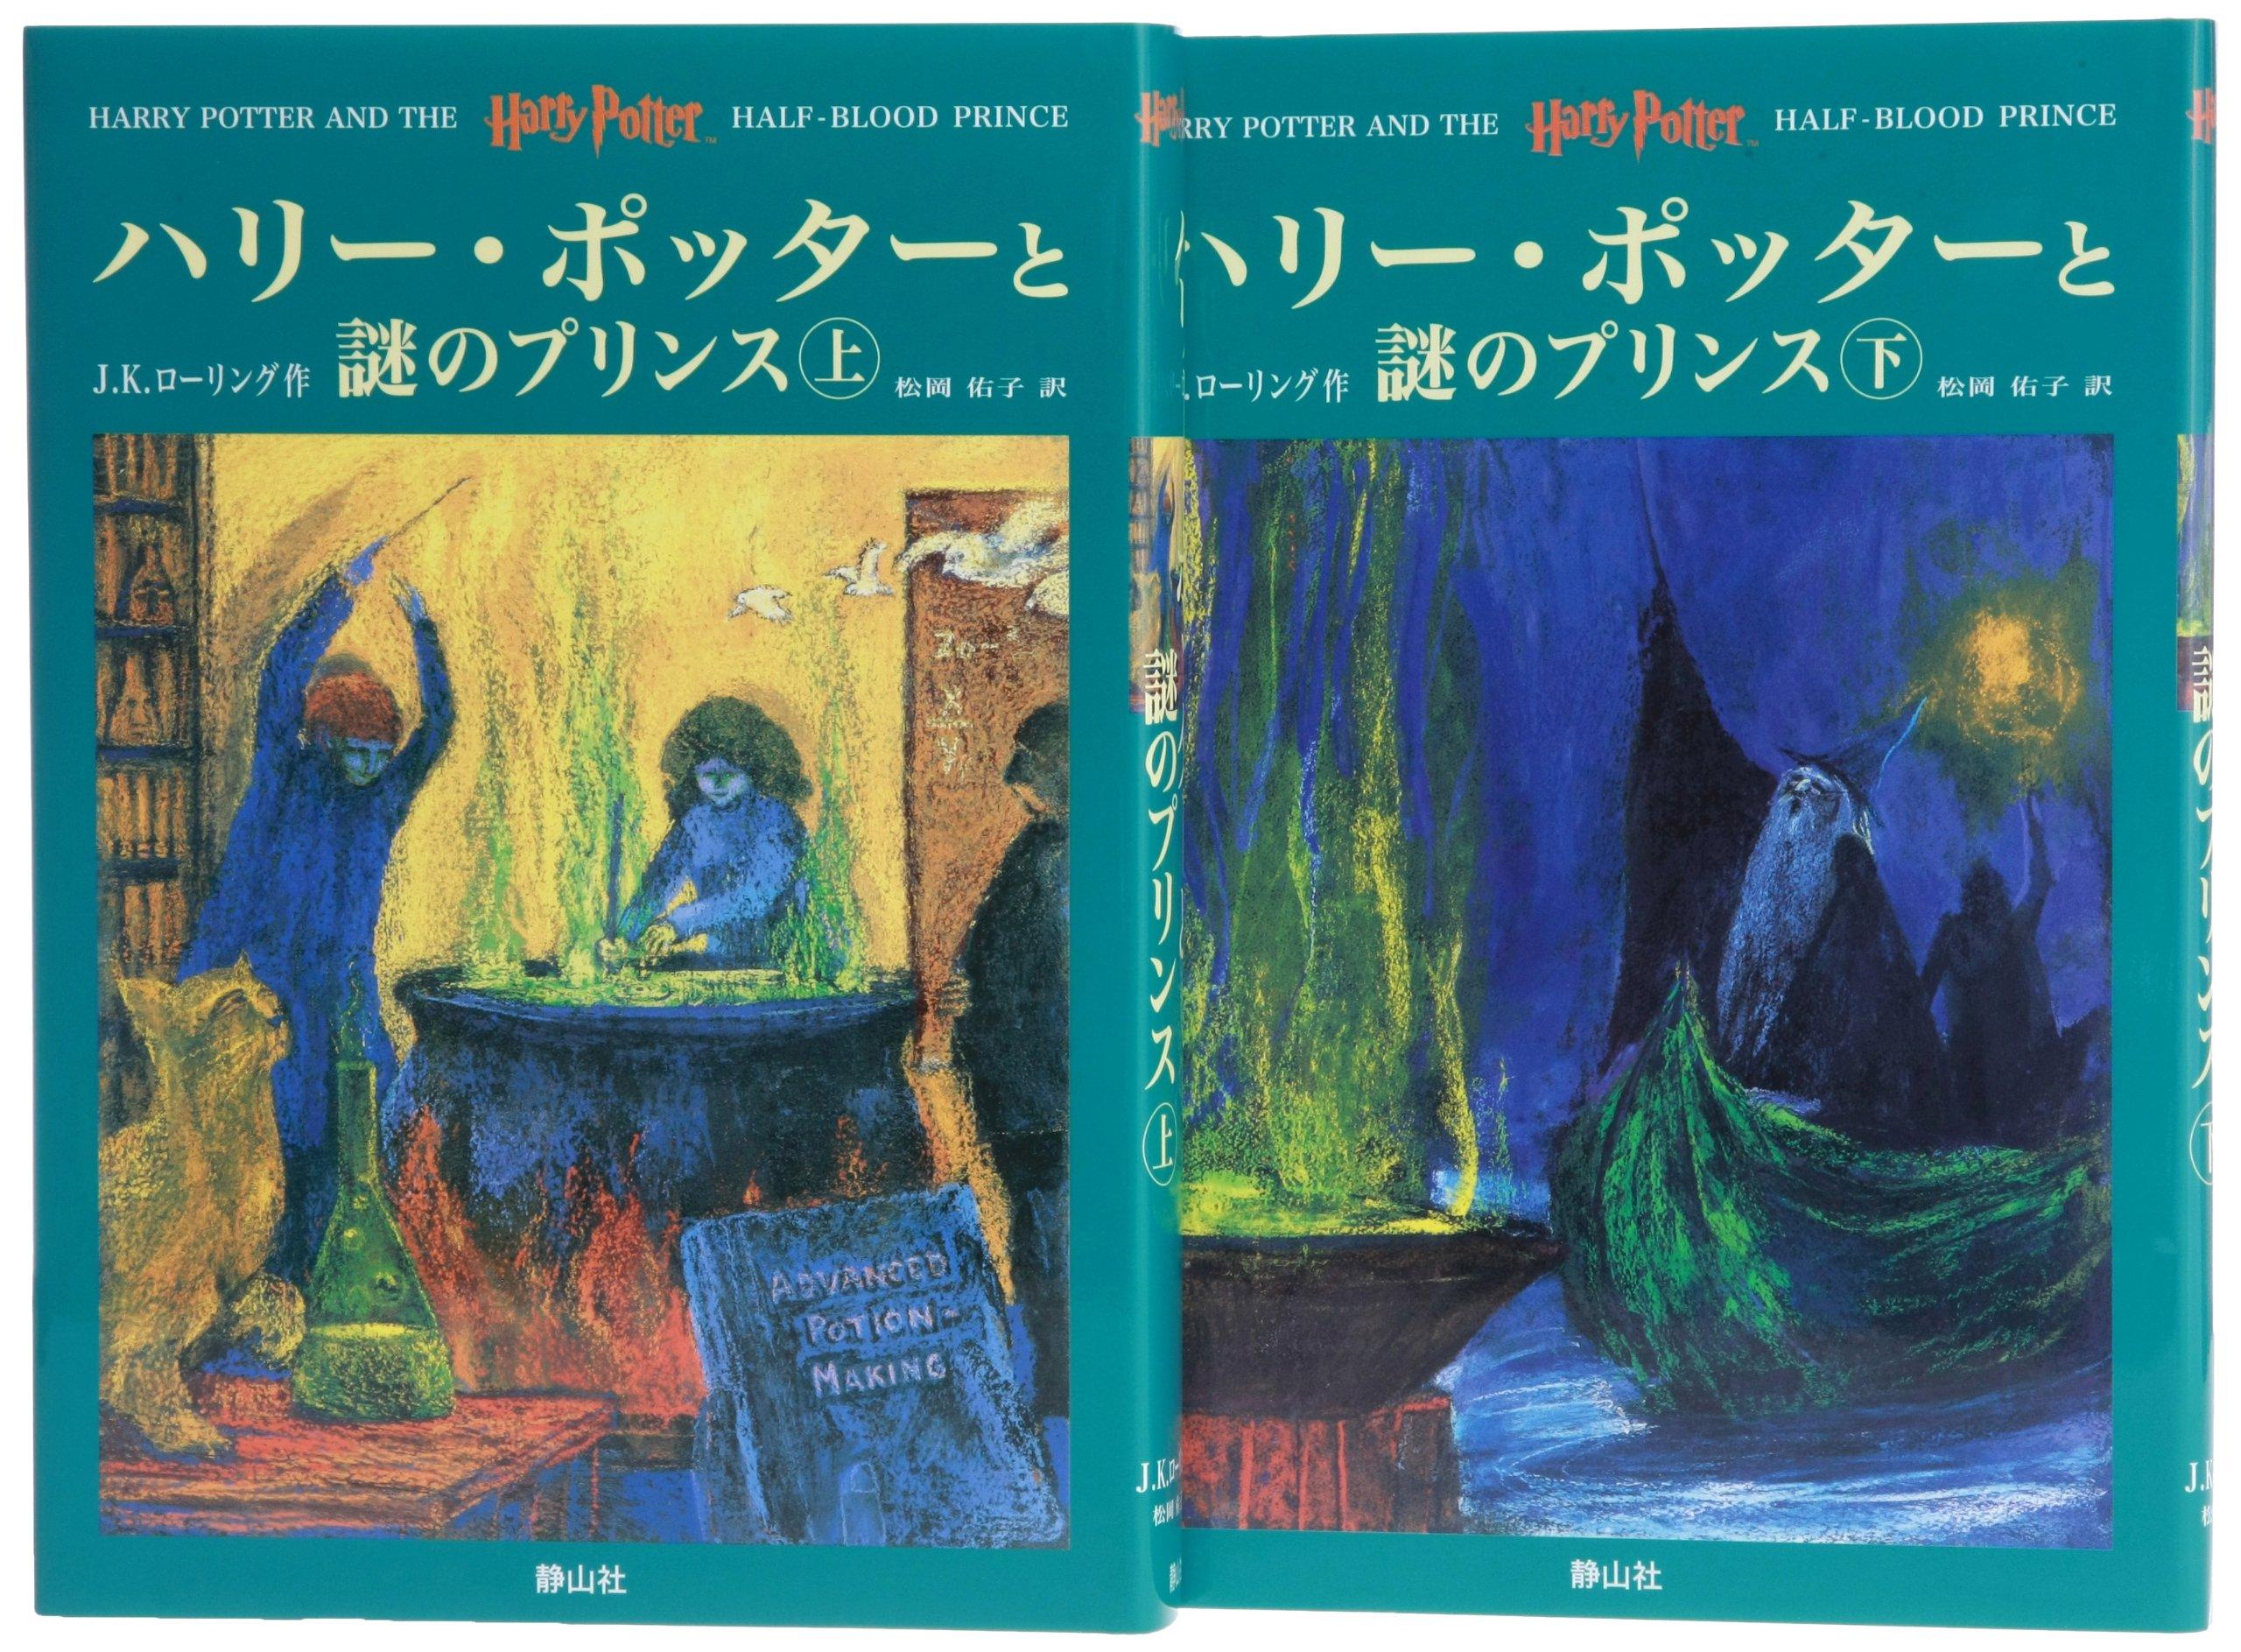 Гарри Поттер и Принц Полукровка | ハリー・ポッターと謎のプリンス [2 тома]